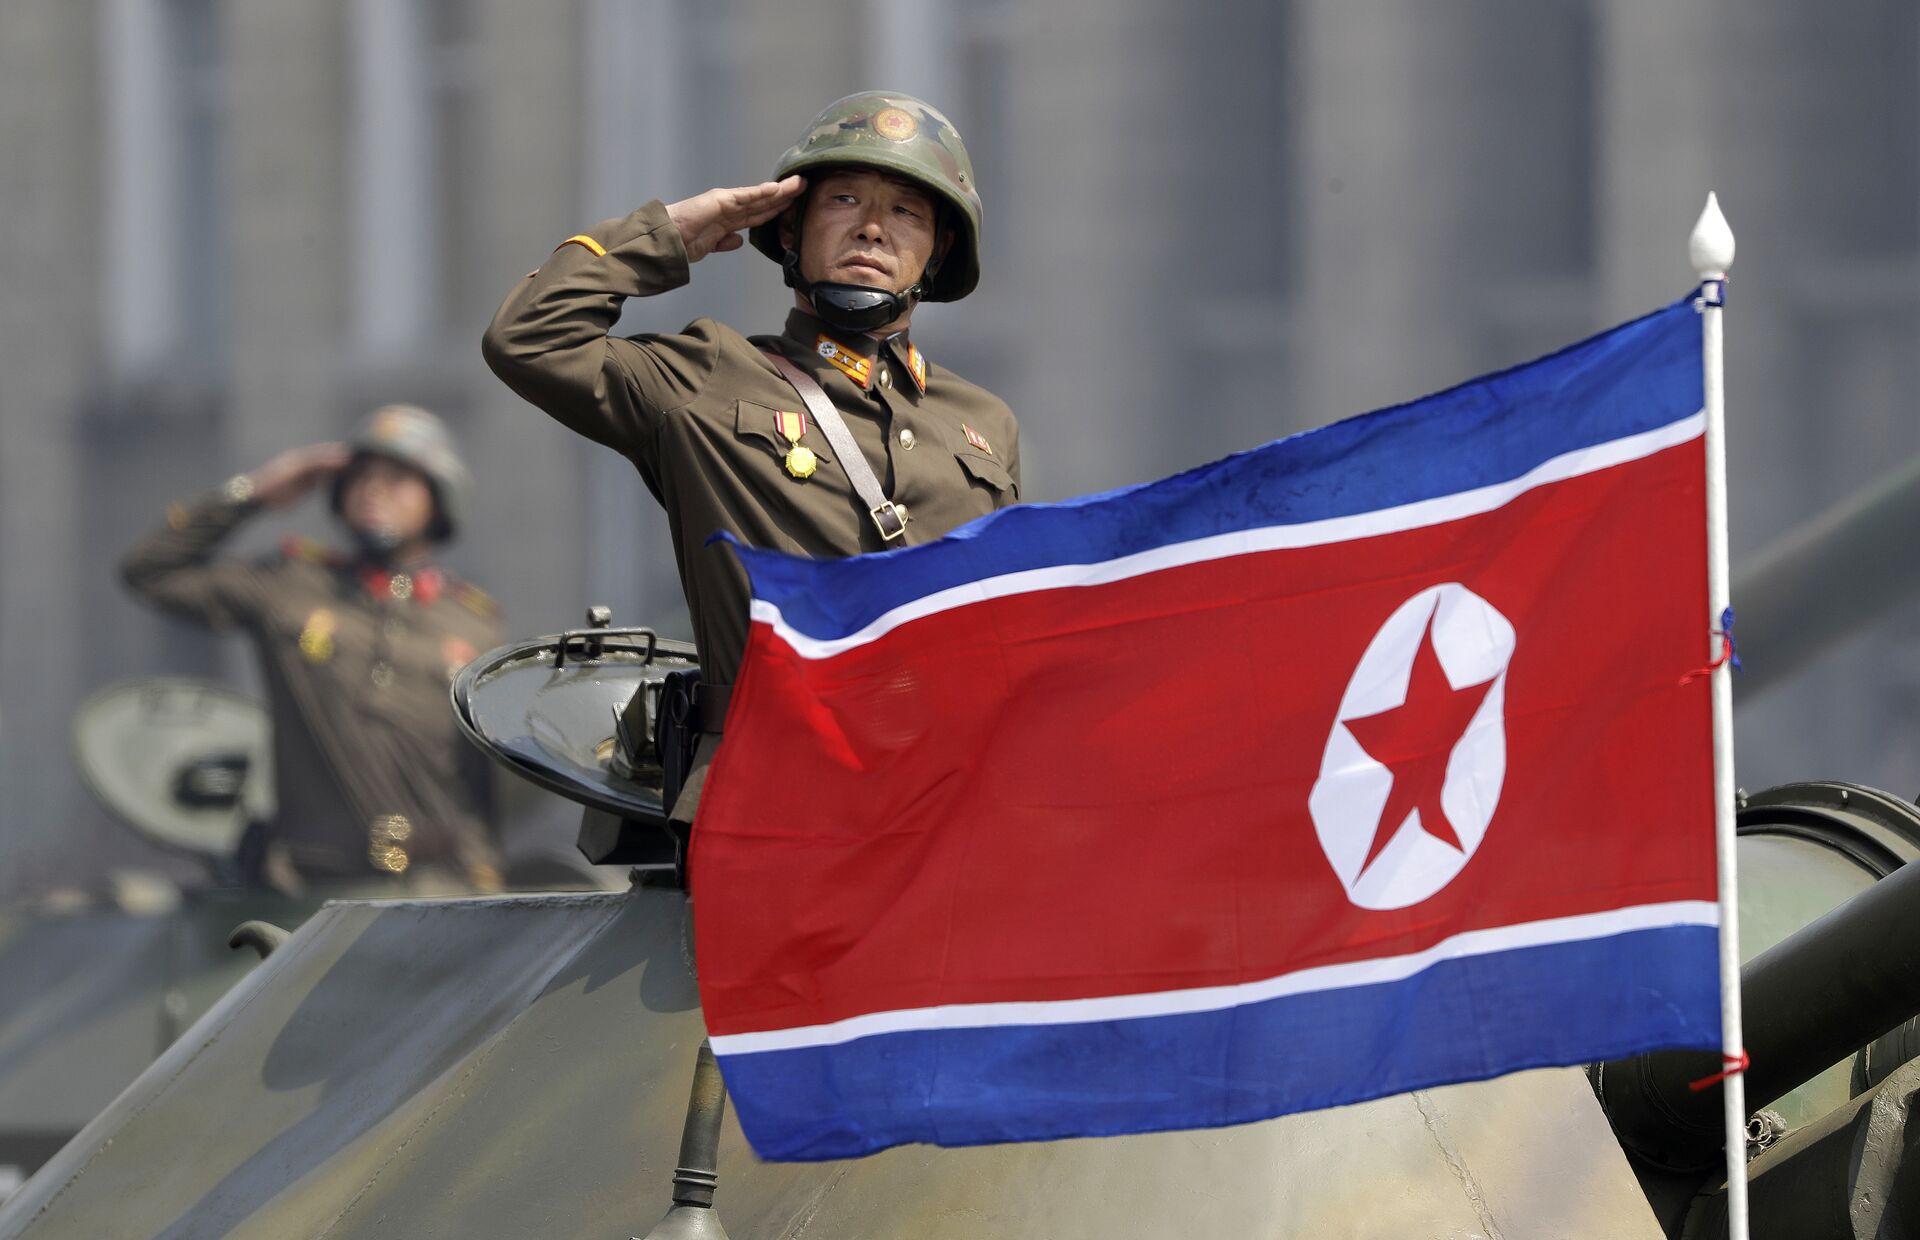 Un australiano confessa di aver violato le sanzioni ONU contro la Corea del Nord - Sputnik Italia, 1920, 10.02.2021